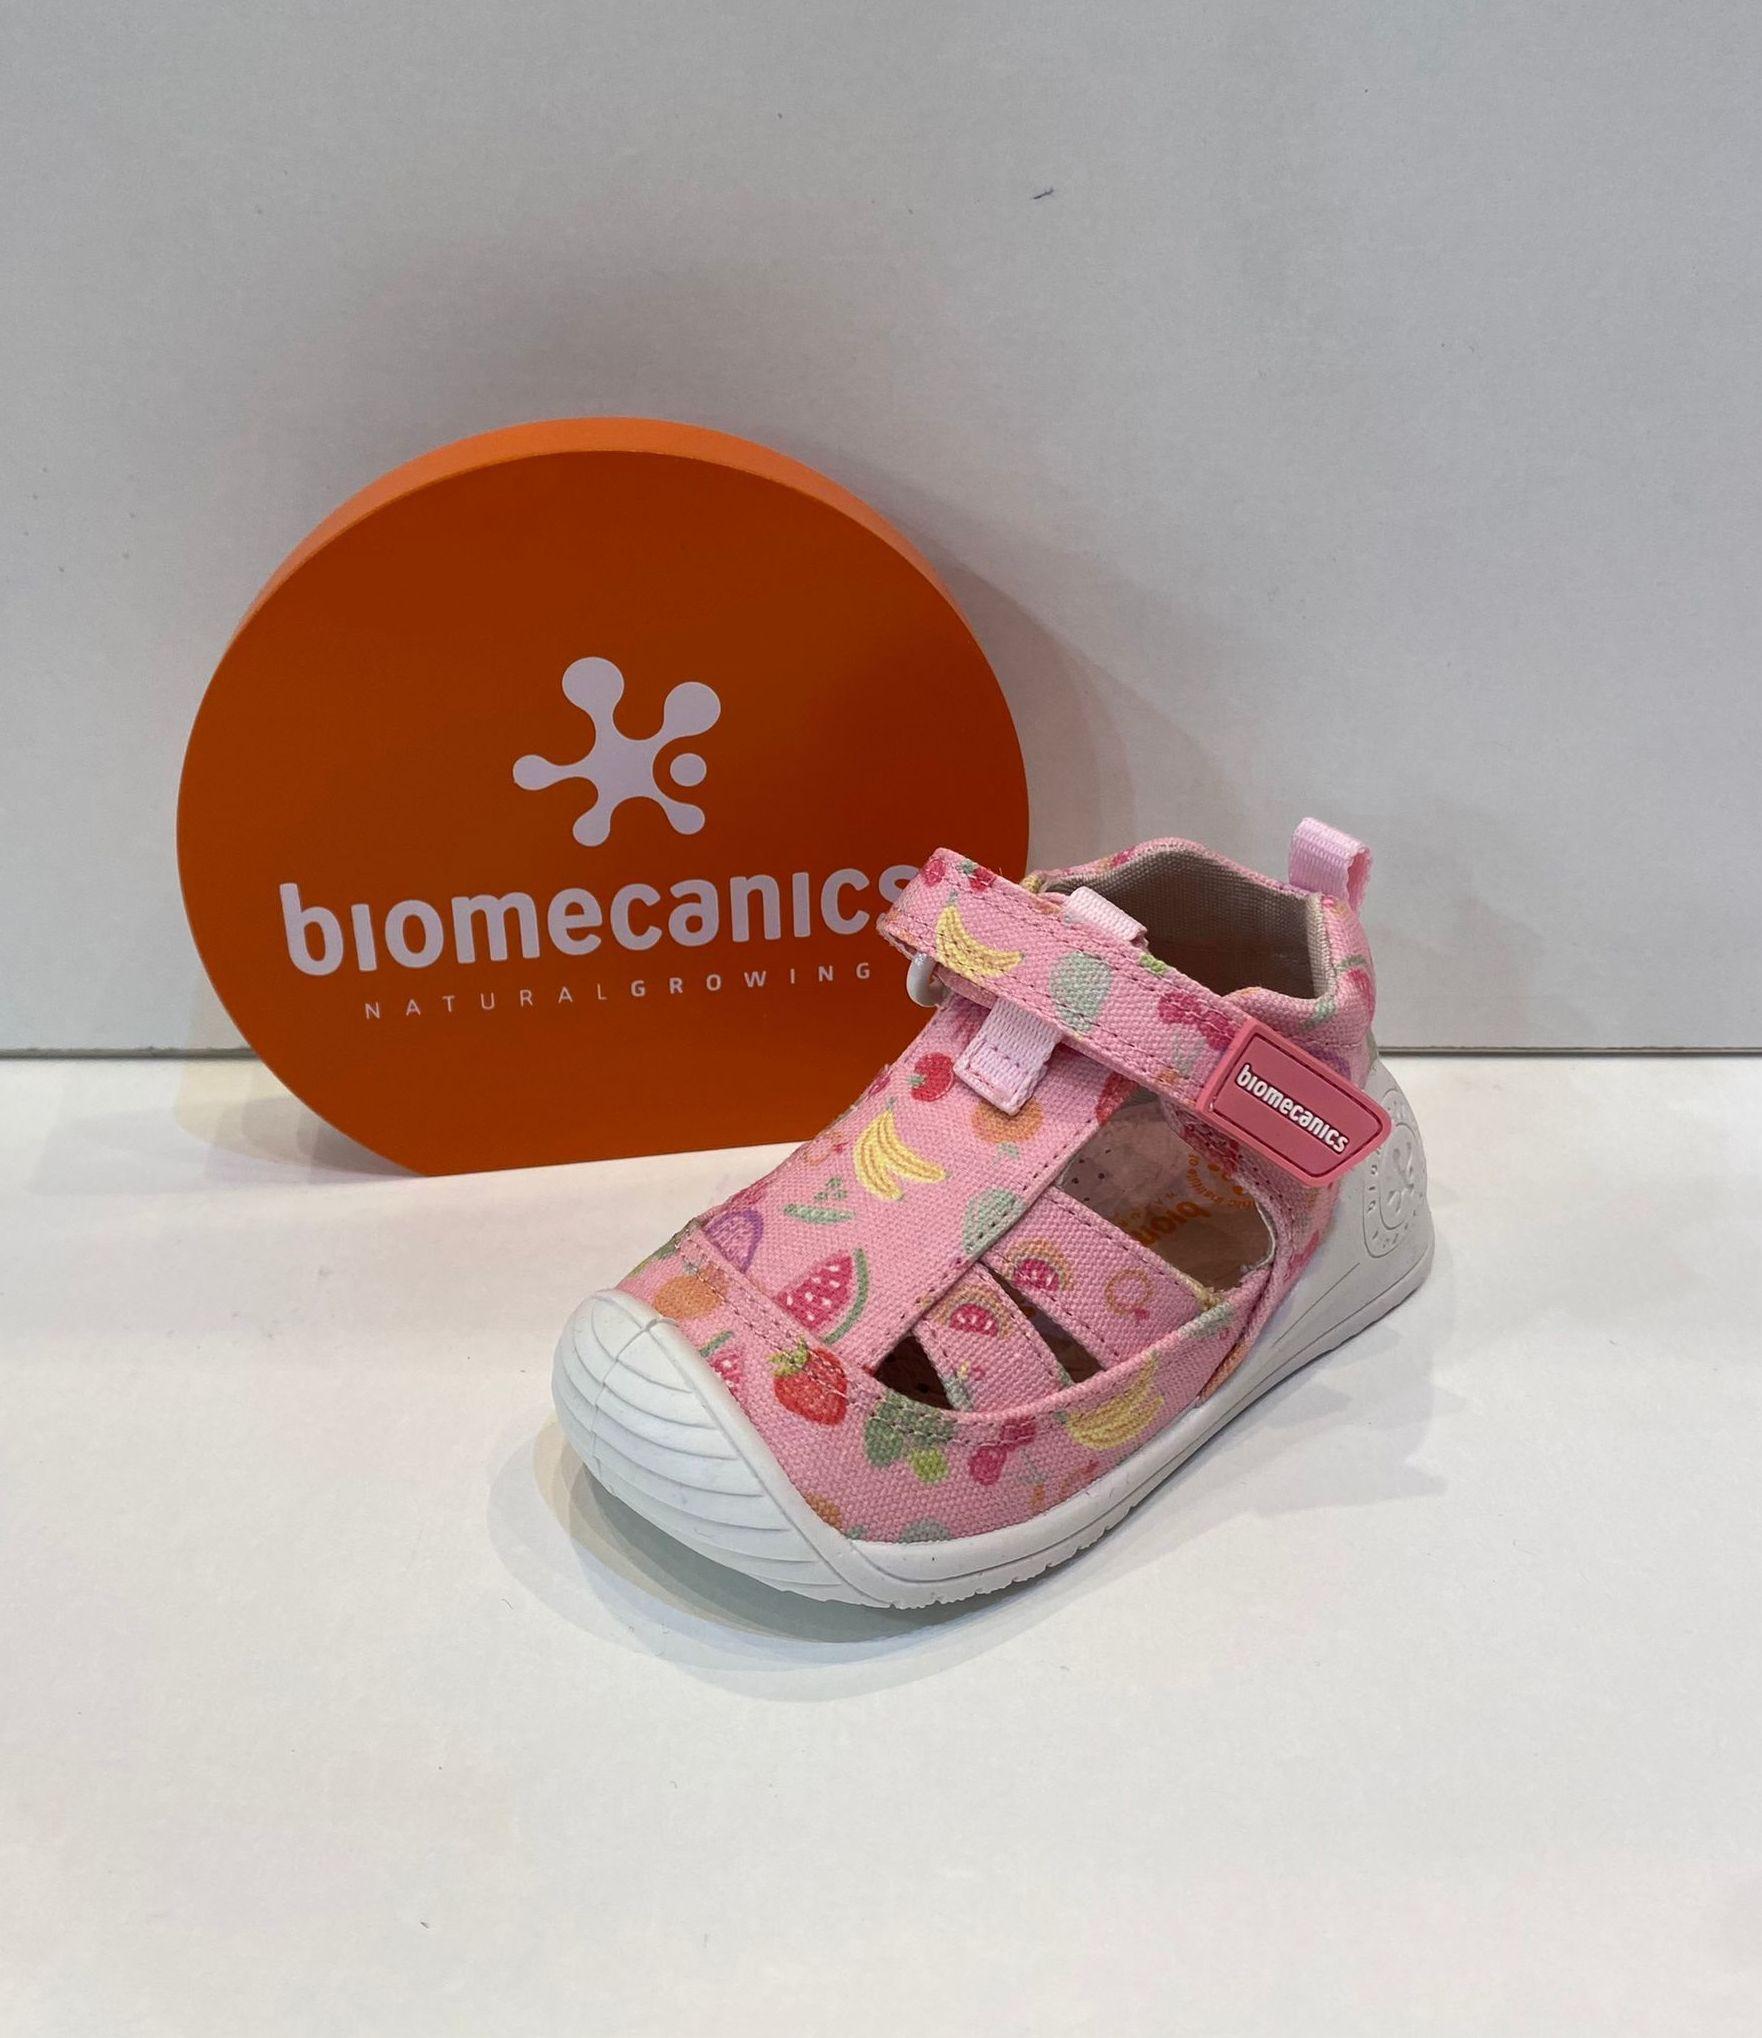 Sandàlia de nena, de la marca Biomecanics, plantilla extraible, sola especial per a gatejar i caminar, amb estabilitzador per a màxima seguretat 35.90€